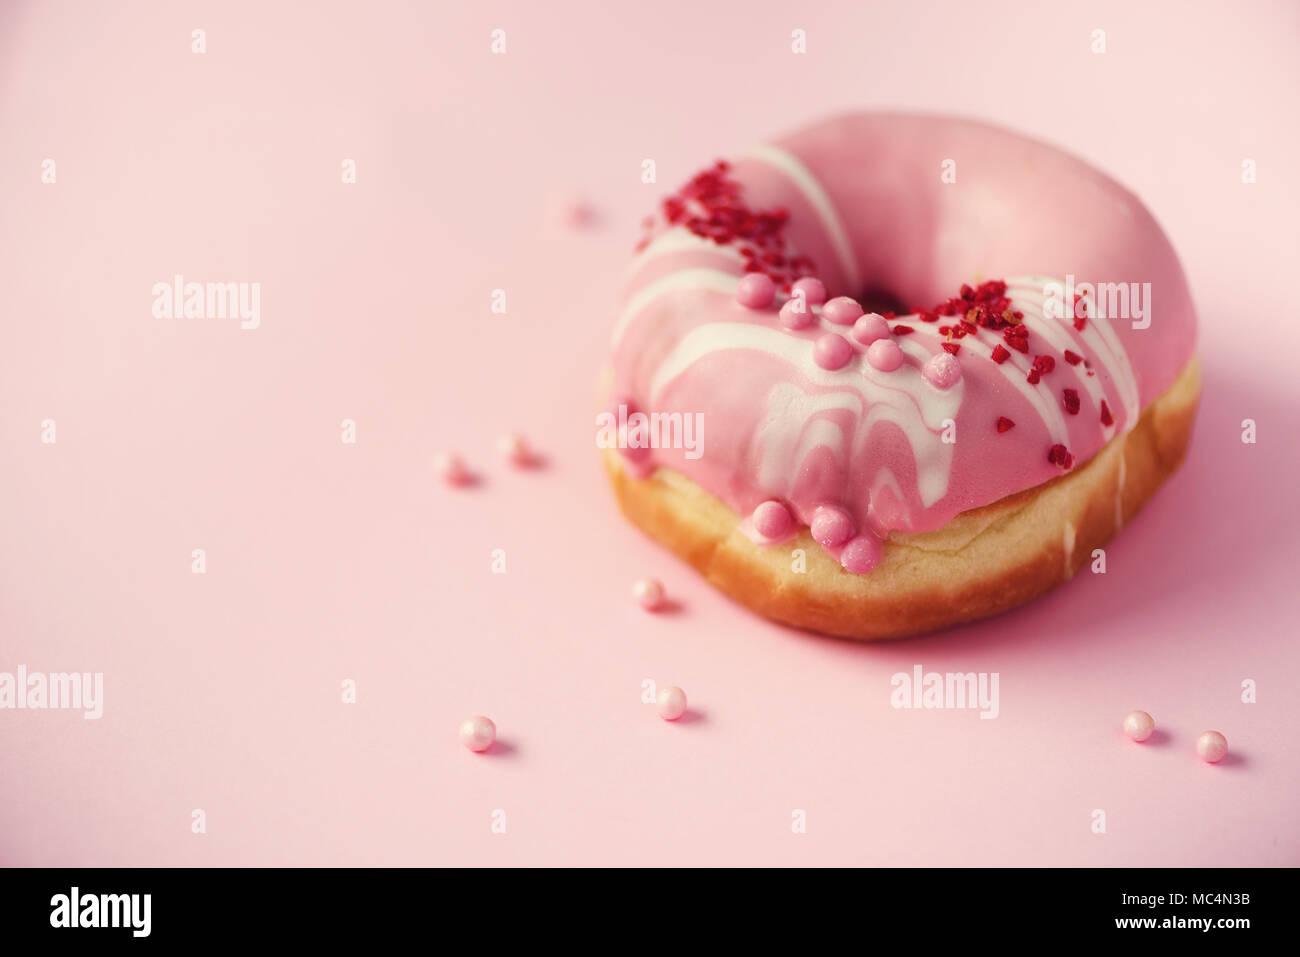 Süße Krapfen mit rosa Zuckerglasur auf hellen Hintergrund. Leckere Krapfen auf rosa Textur, Kopieren, Ansicht von oben Stockfoto